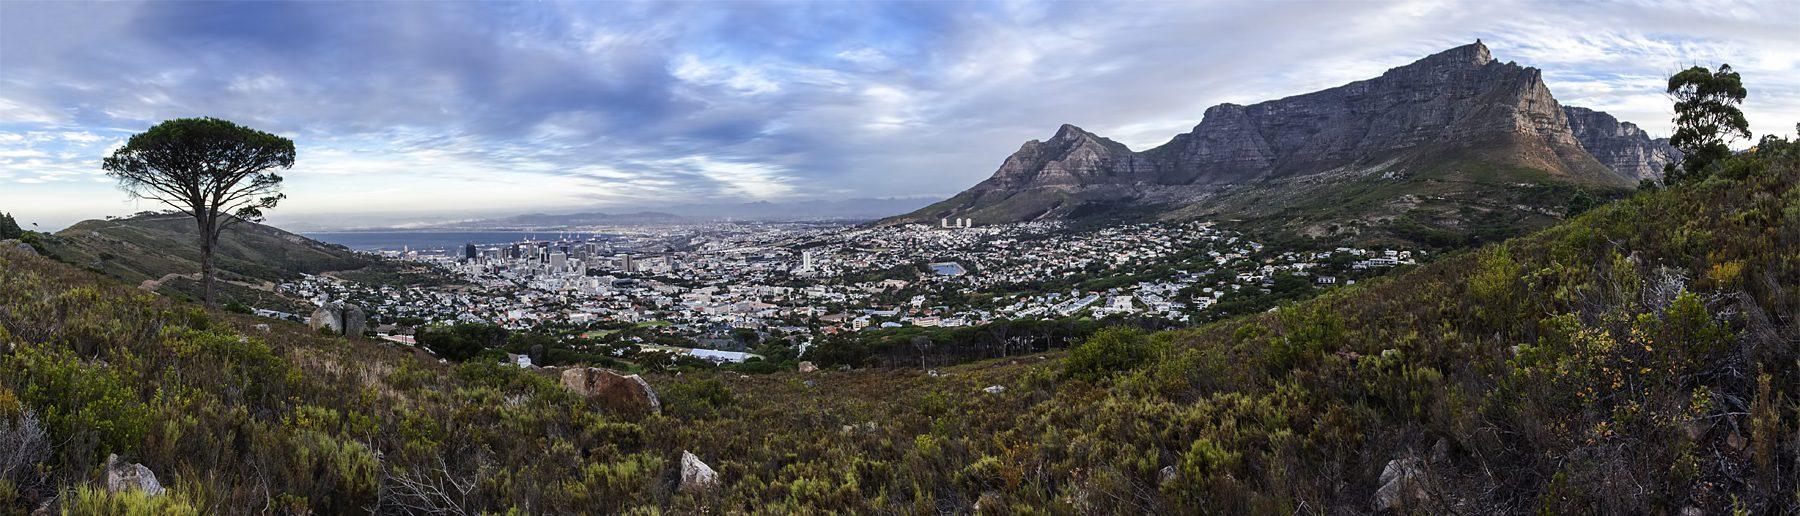 Region 5: Sub-Saharan Africa Blog